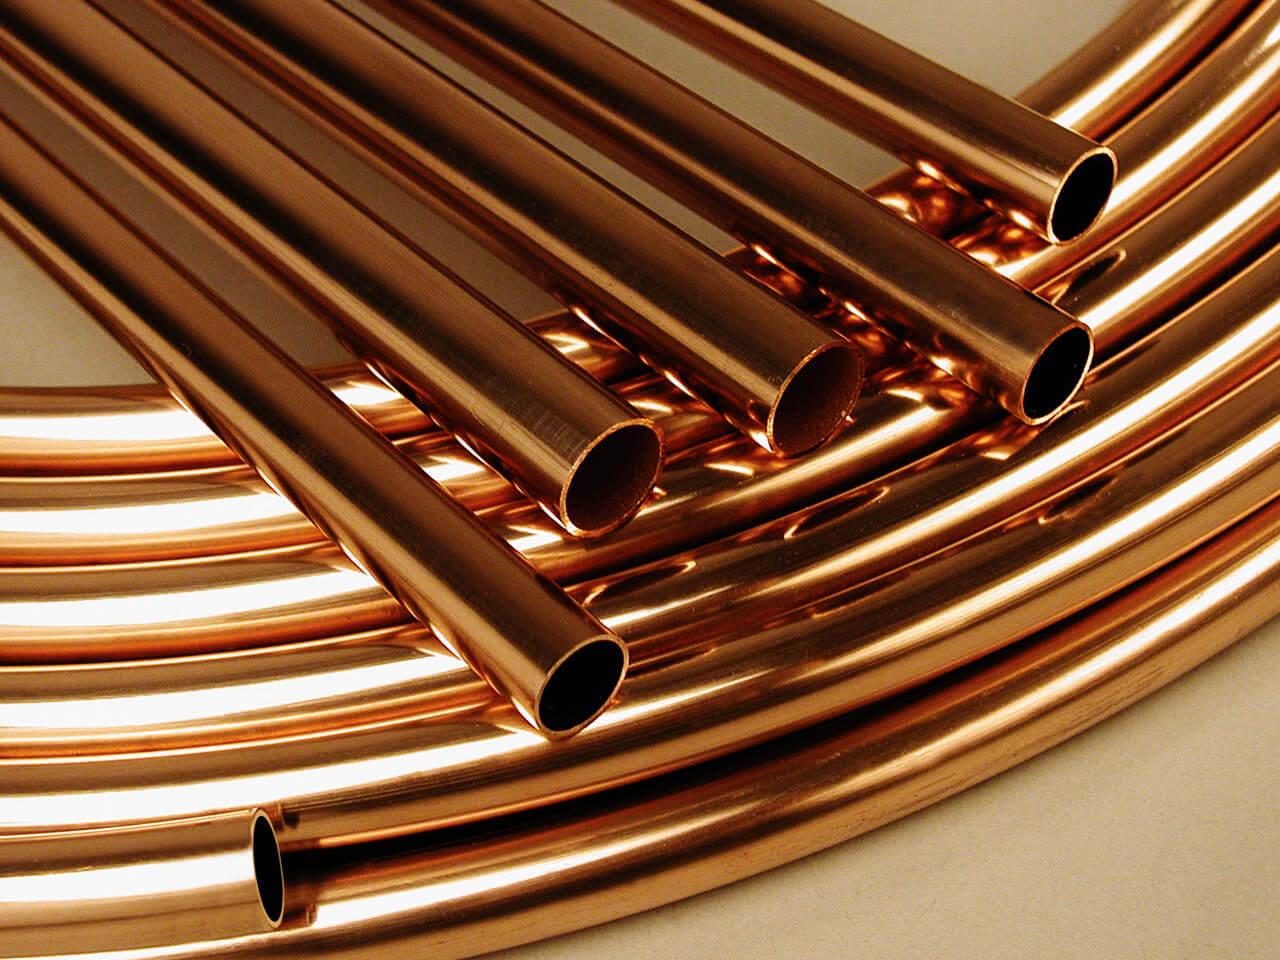 Bản tin thị trường kim loại ngày 21/5: Giá quặng sắt quay đầu giảm, giá bạc và đồng tiếp đà tăng nhẹ - Ảnh 1.